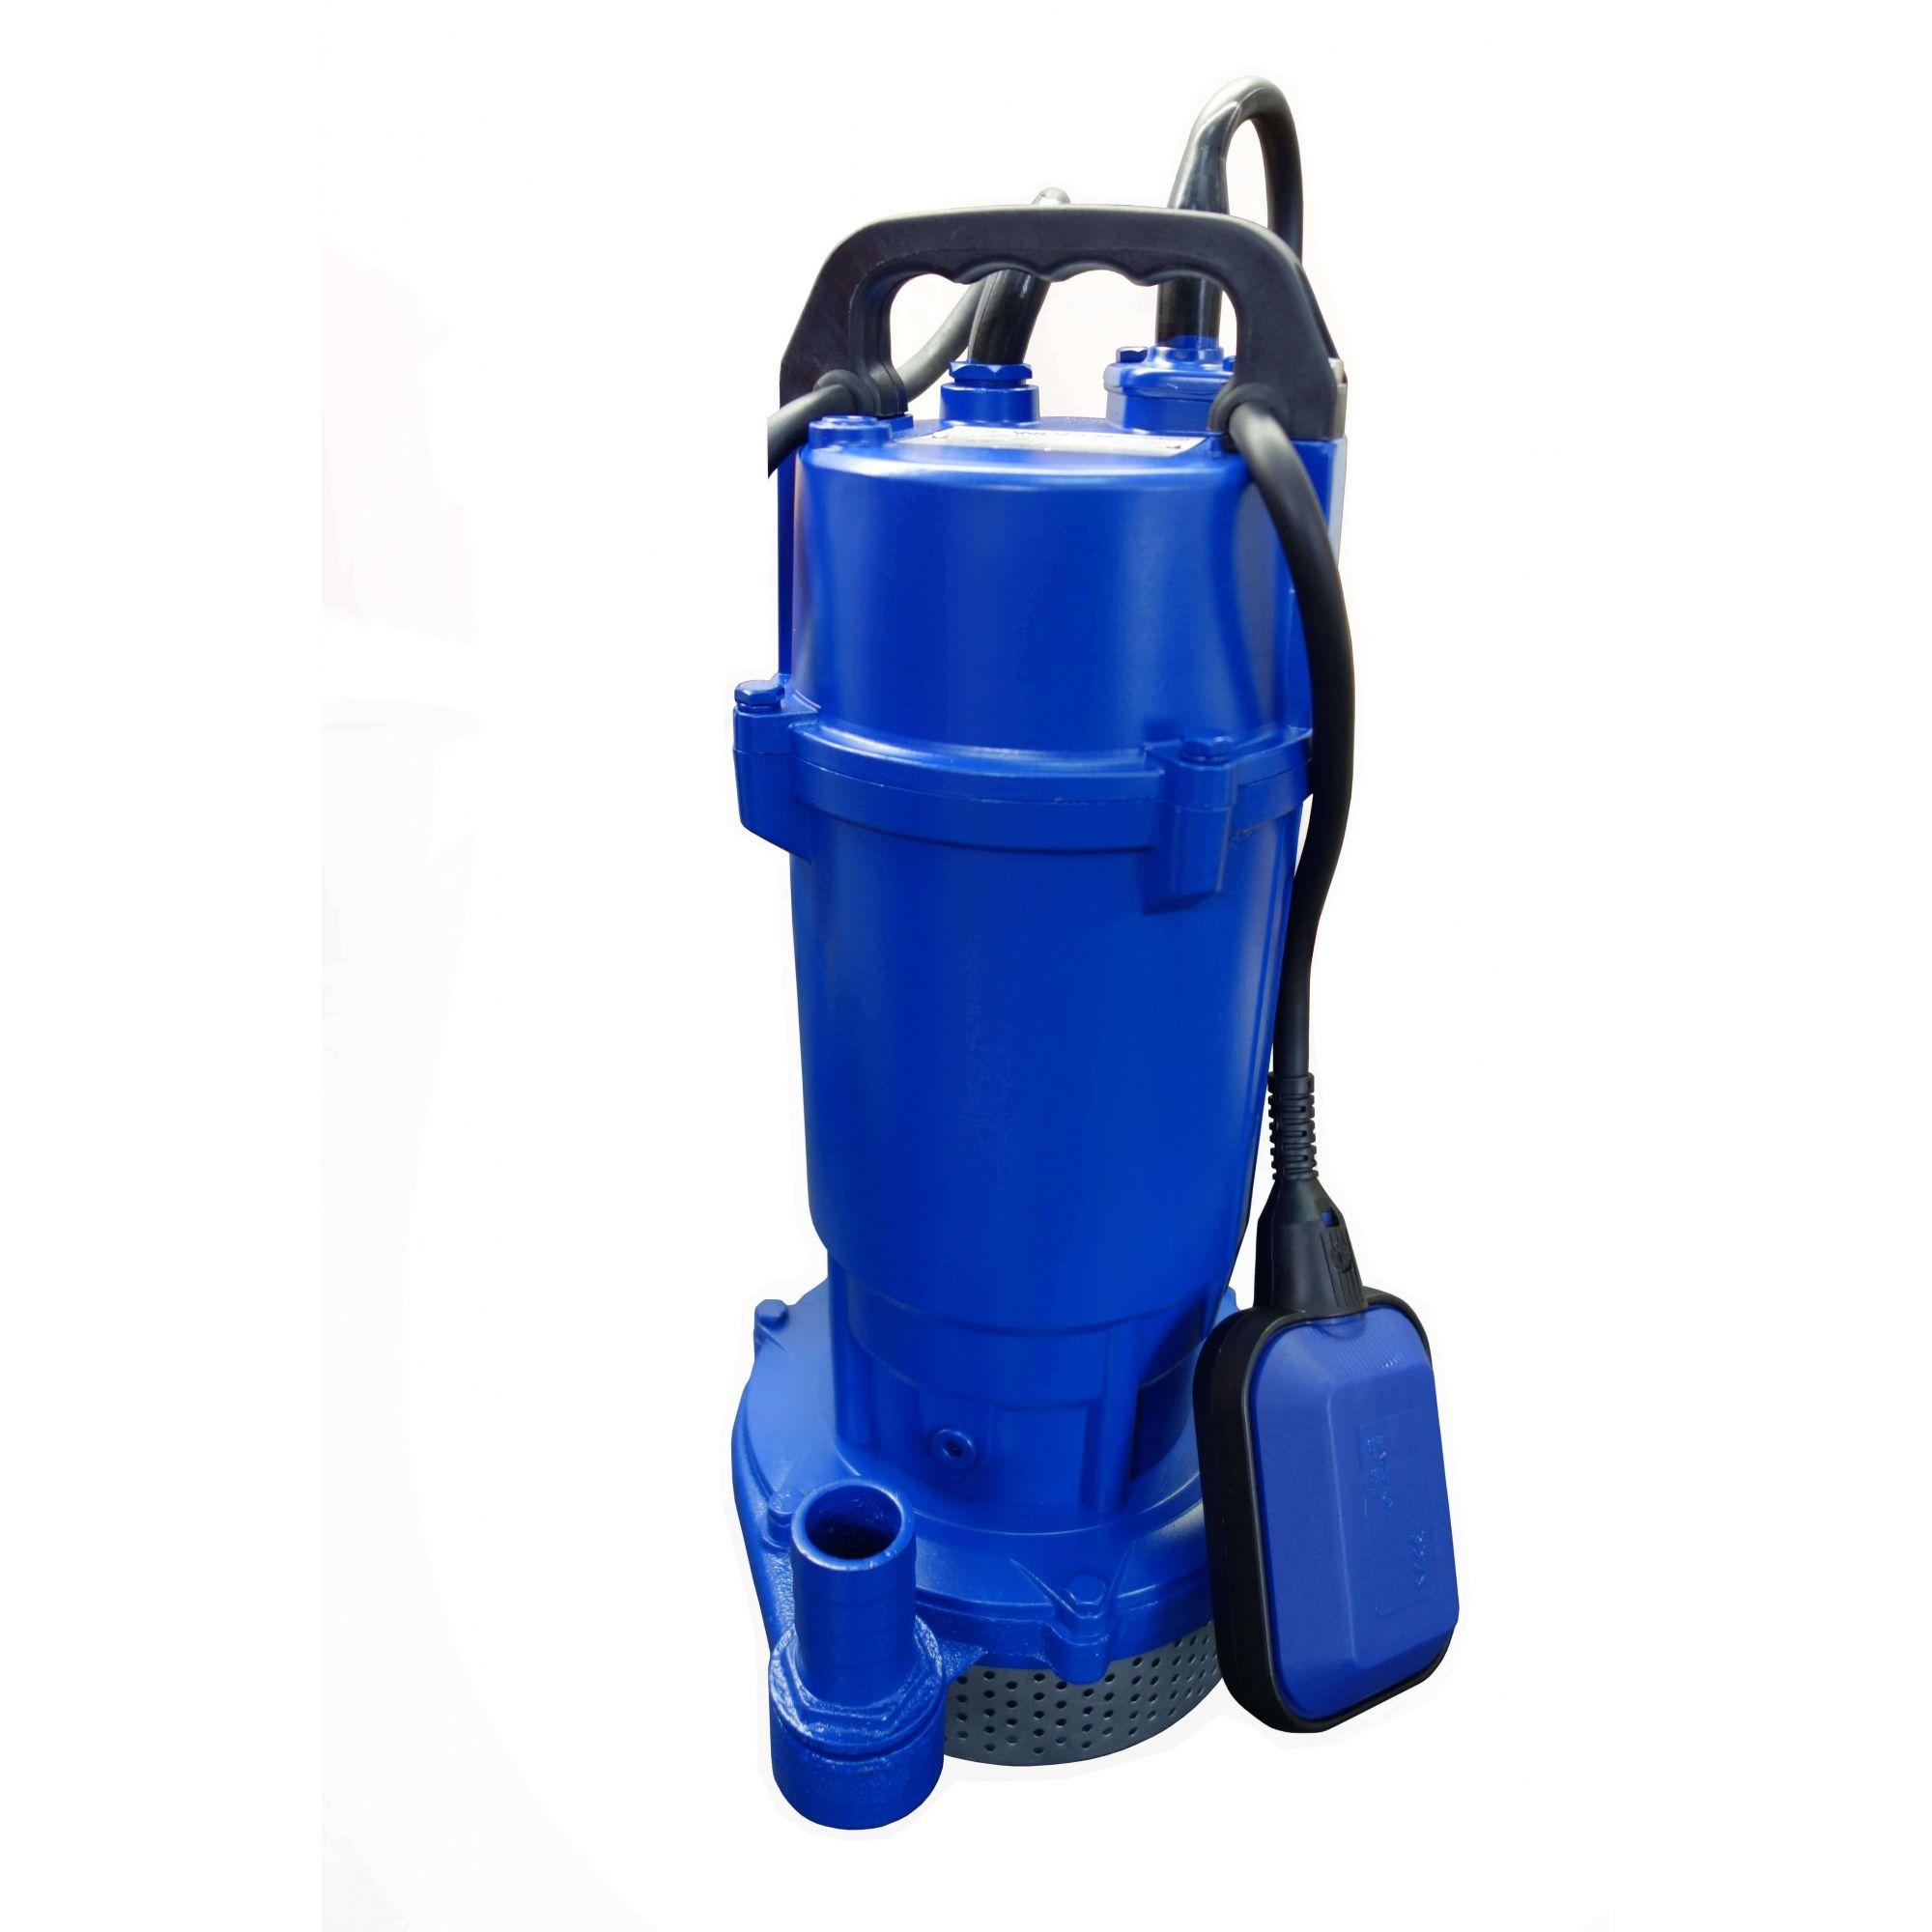 Motobomba Submersível 1/2Hp HOME 220V Claw